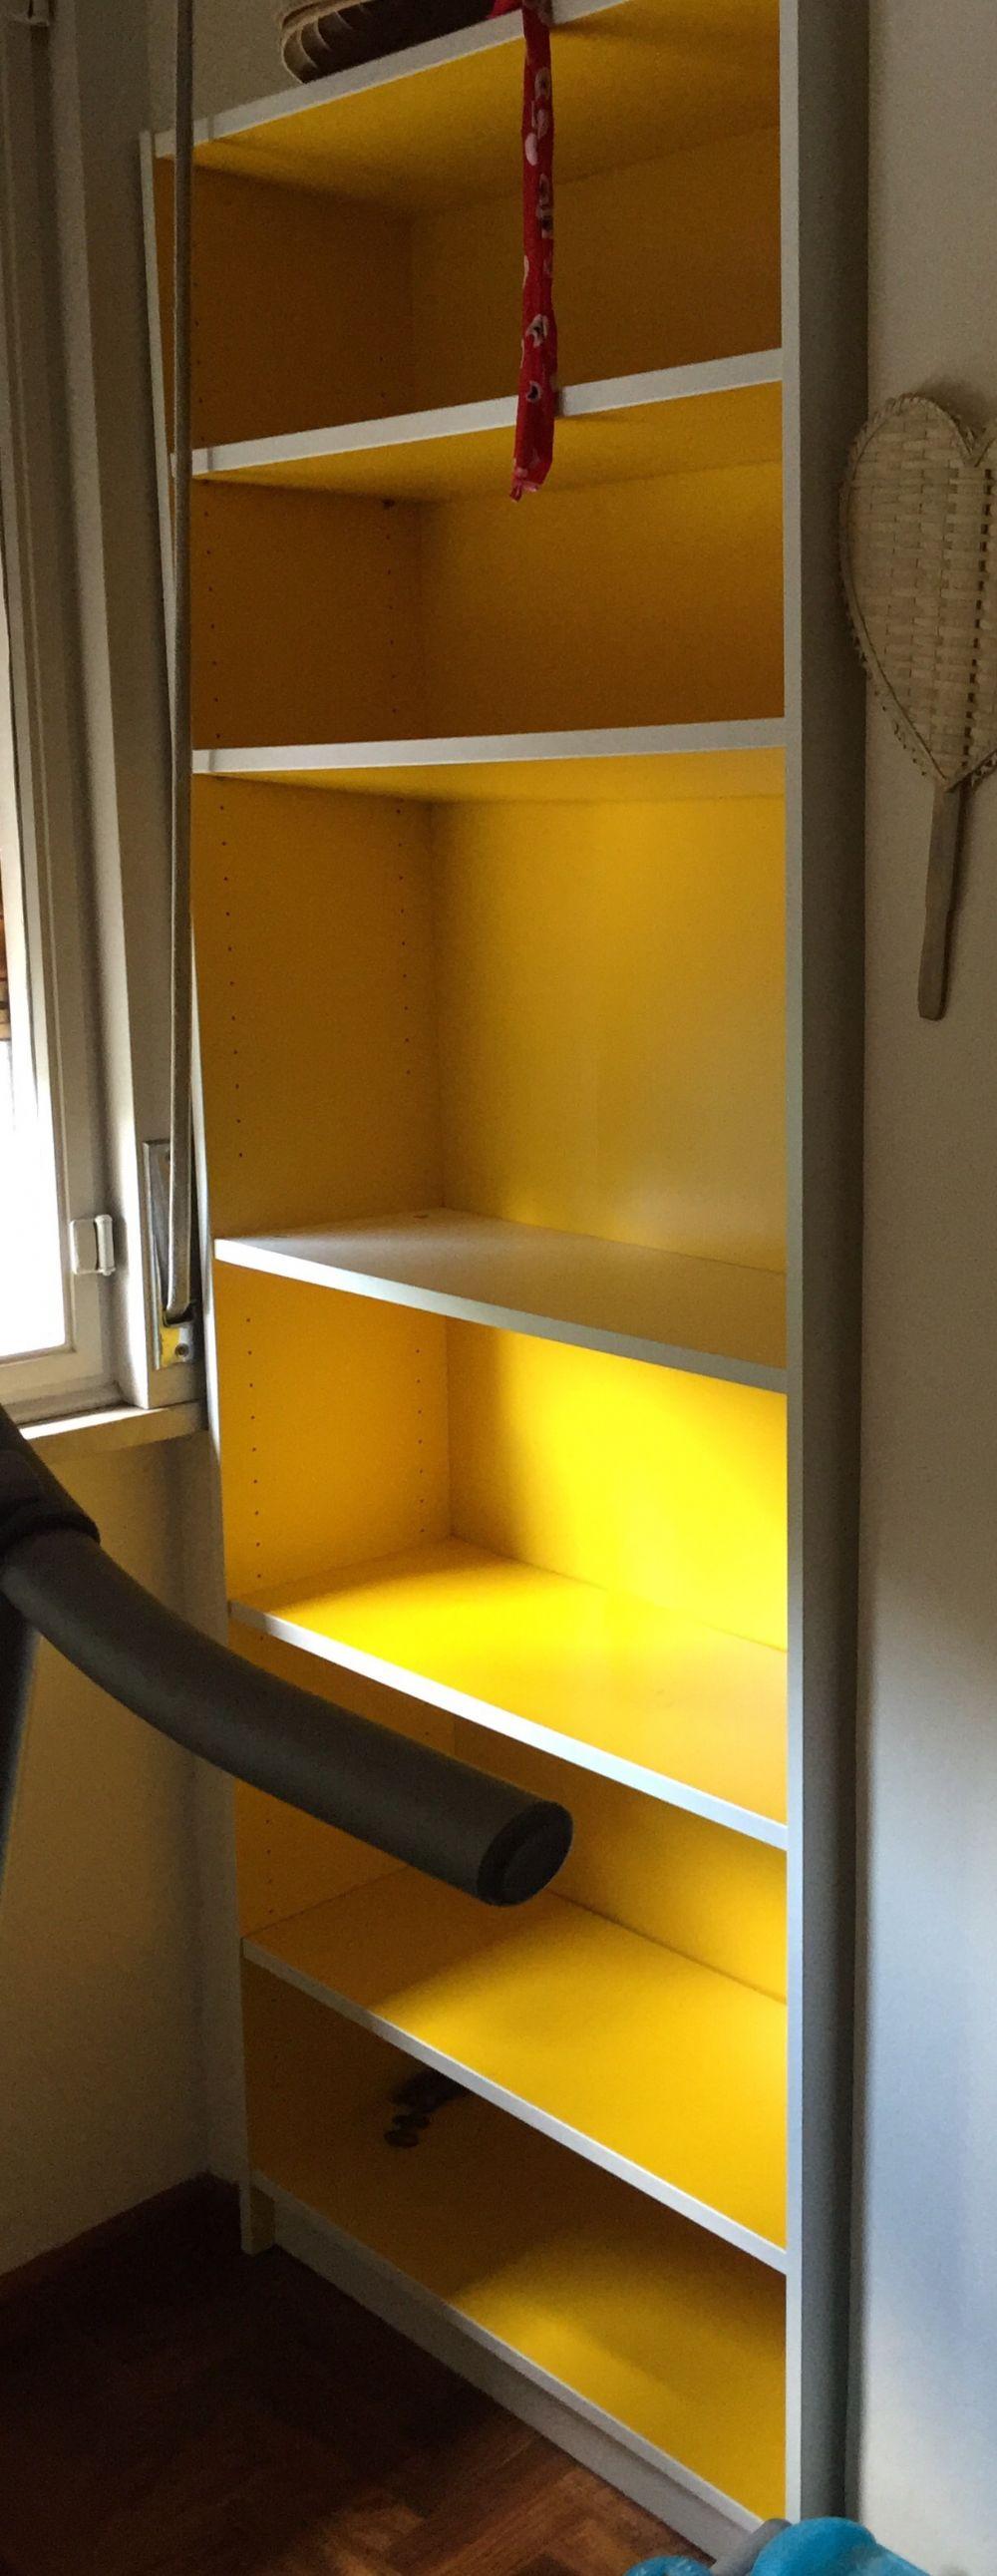 Baratto scambio libreria ikea billy arredamento for Libreria arredamento ikea